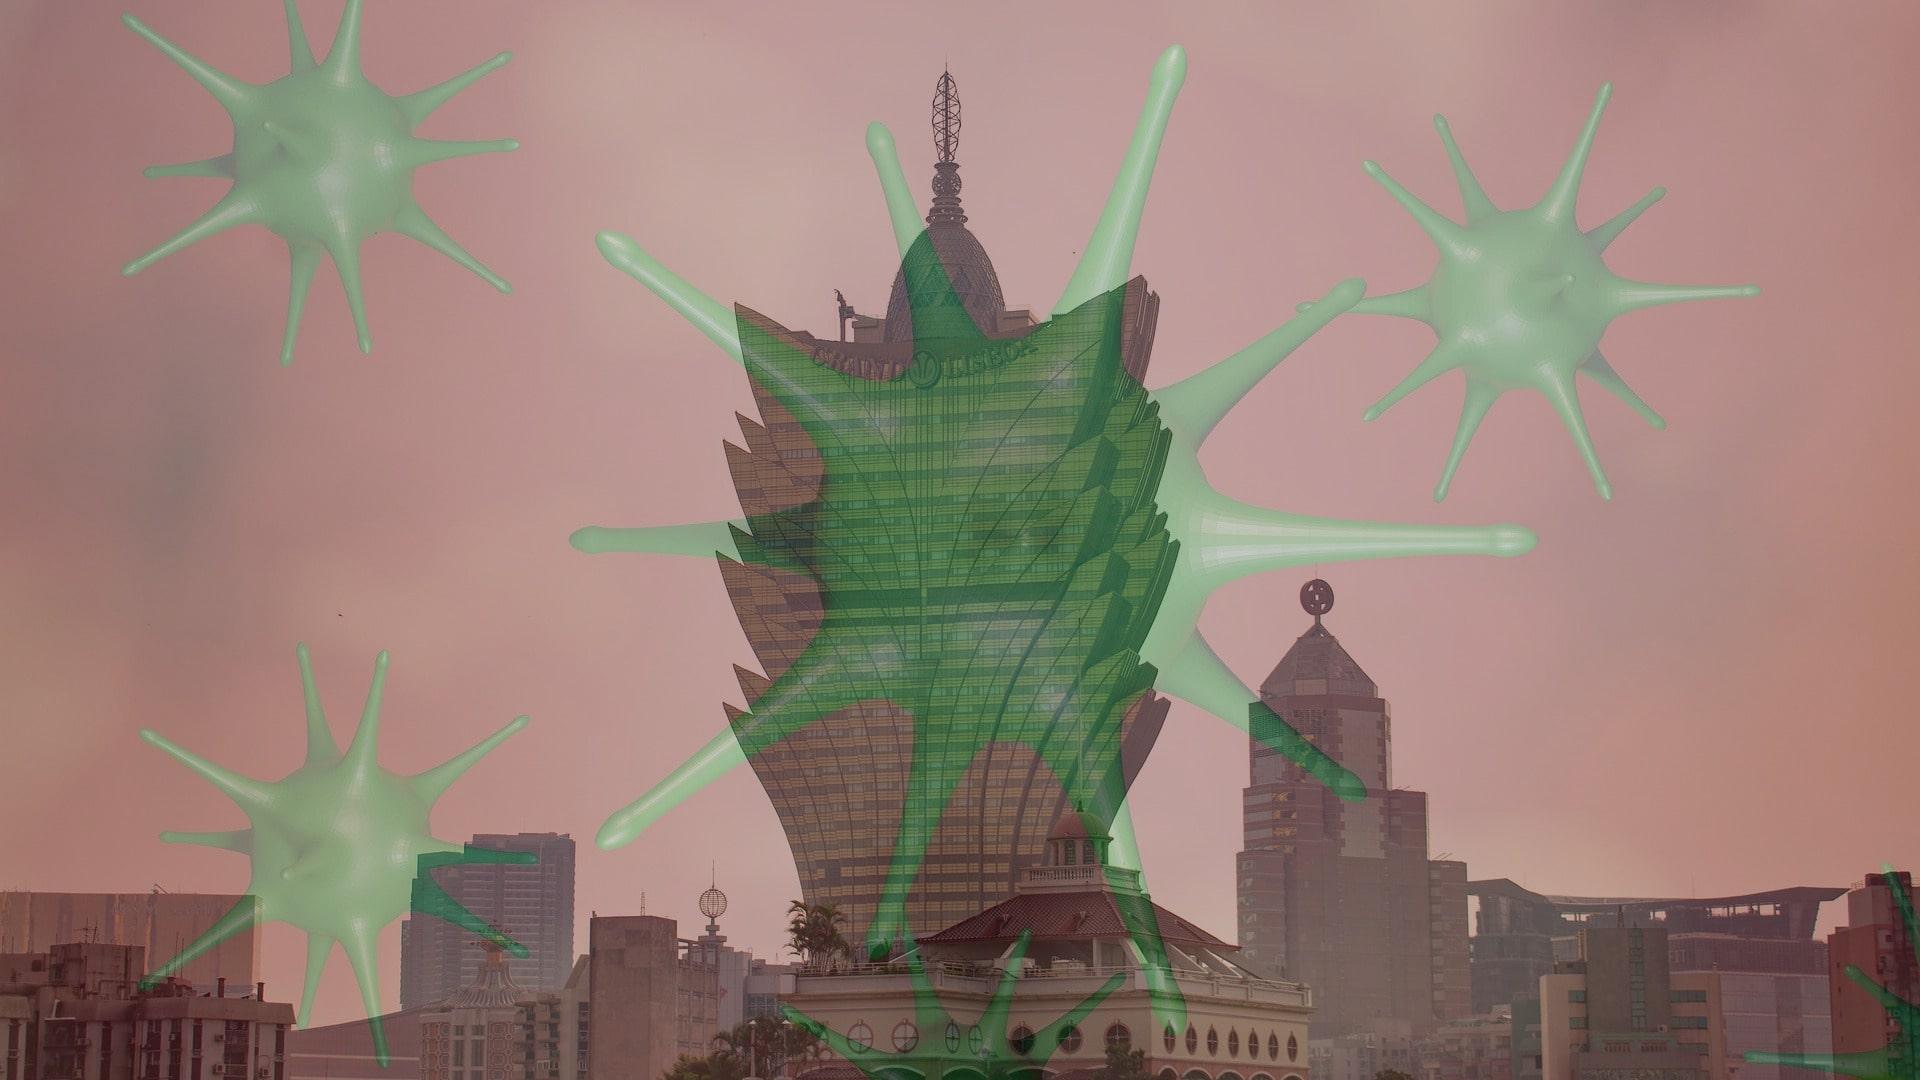 Macau Casinos to be Shut-Down for Two Weeks due to Coronavirus